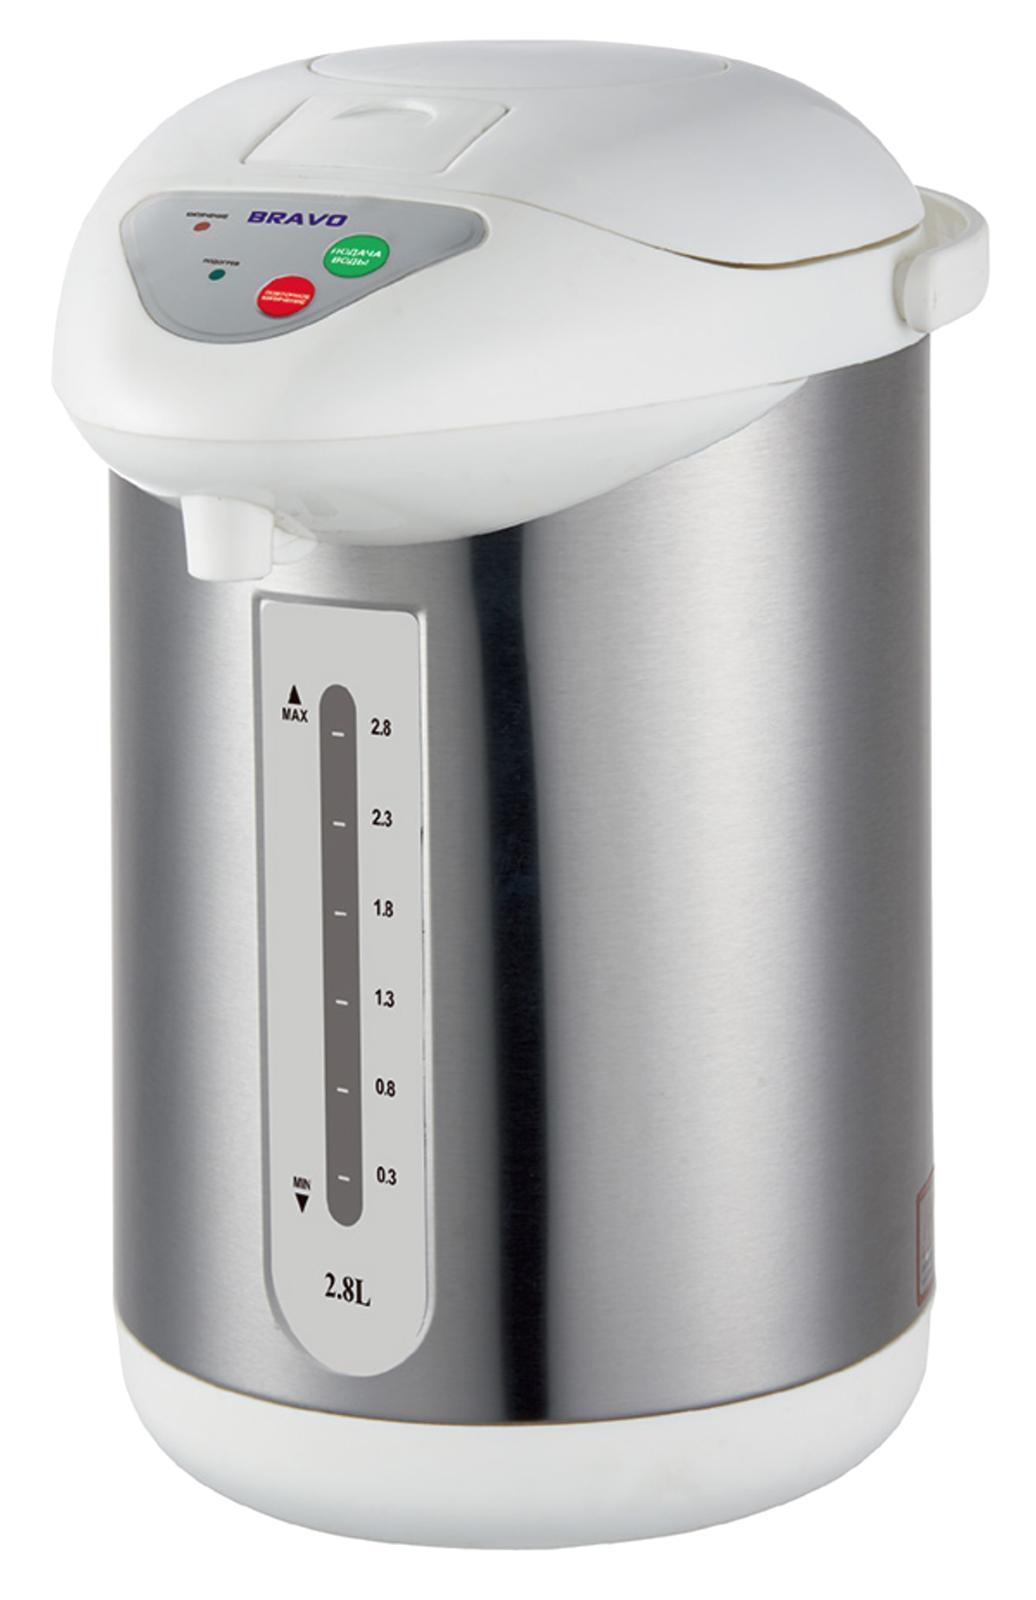 Bravo TL-28S термопот4627090740218Мощность: 700 Вт Объем: 2,8 л Поворот на 360гр Внутренняя емкость: нержавеющая сталь Функция повторного кипячения Подача воды: 3 способа(ручной/автоматический/нажатие чашкой) Внешний корпус: нержавеющая сталь Поддержание температуры Защита от включения без воды Шкала уровня воды